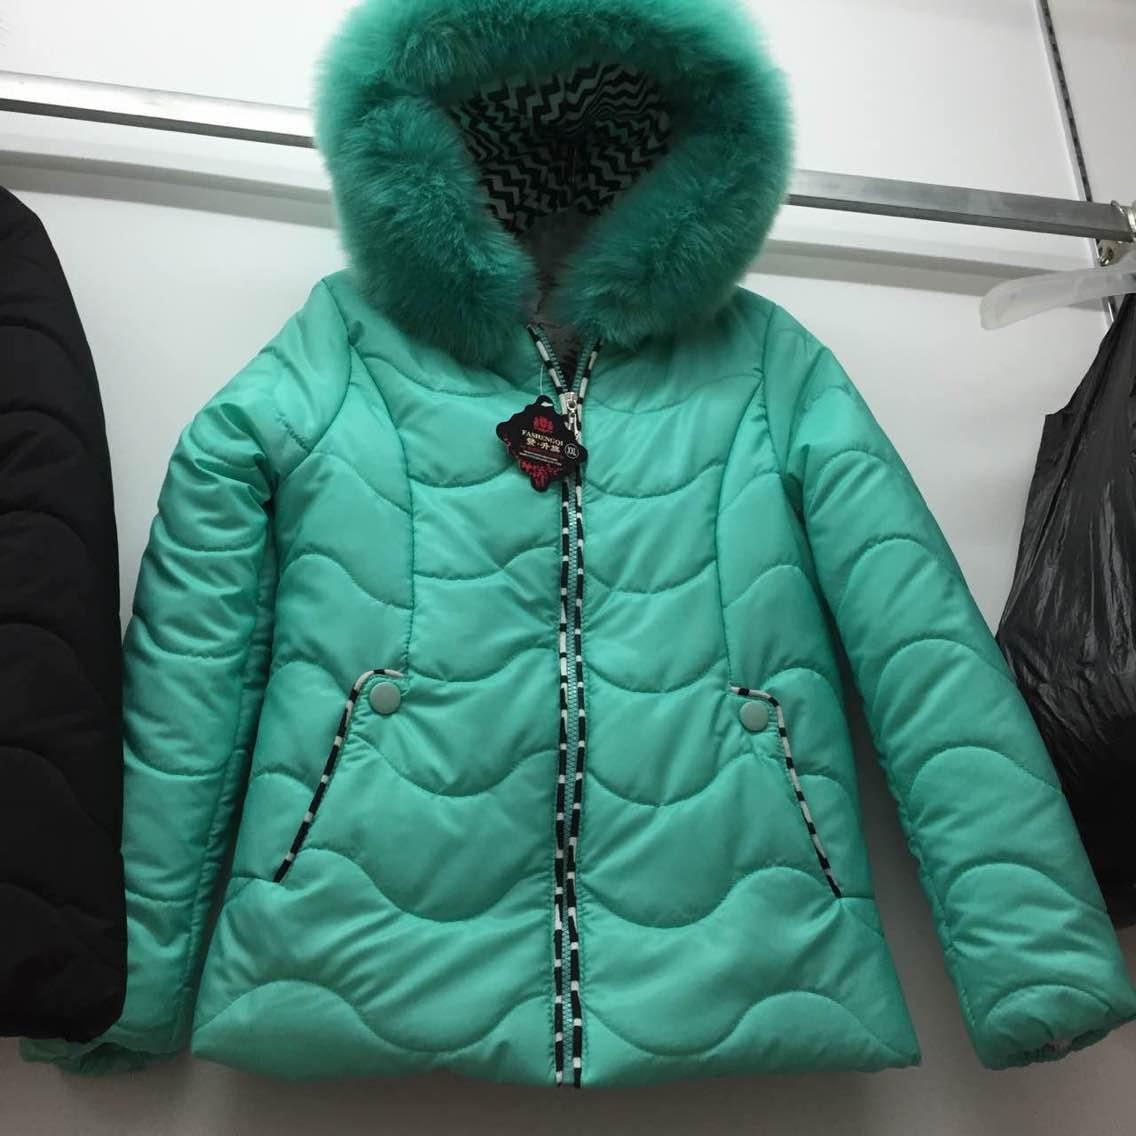 义乌南京时尚加厚男女装棉服厂家最便宜低价牛仔裤批发市场